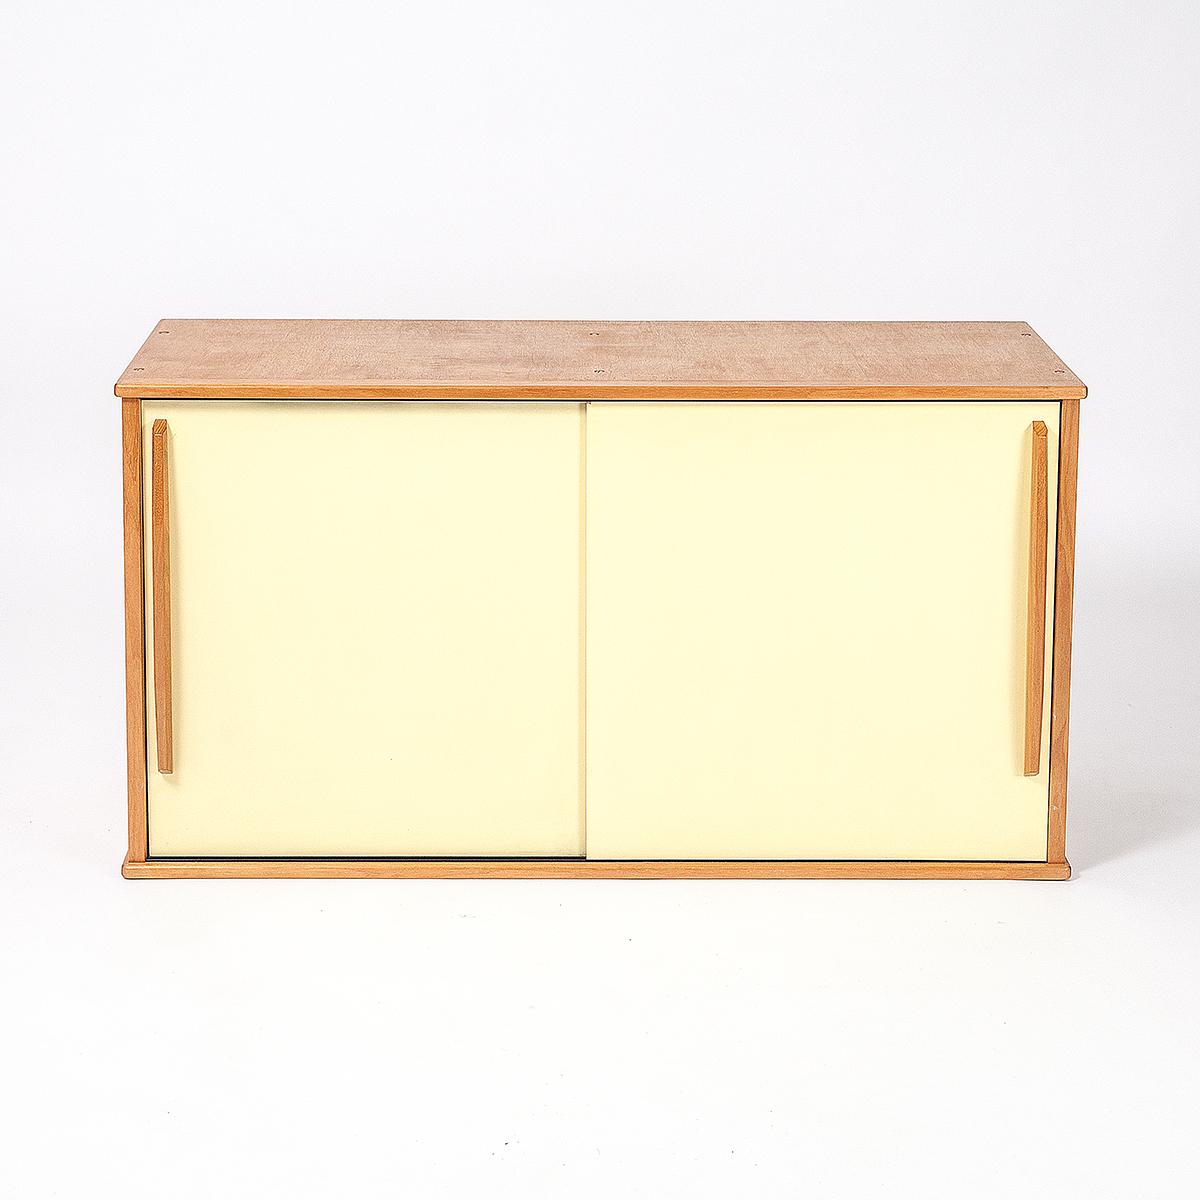 Sideboard Mit Schiebeturen Mobel Zurich Vintagemobel